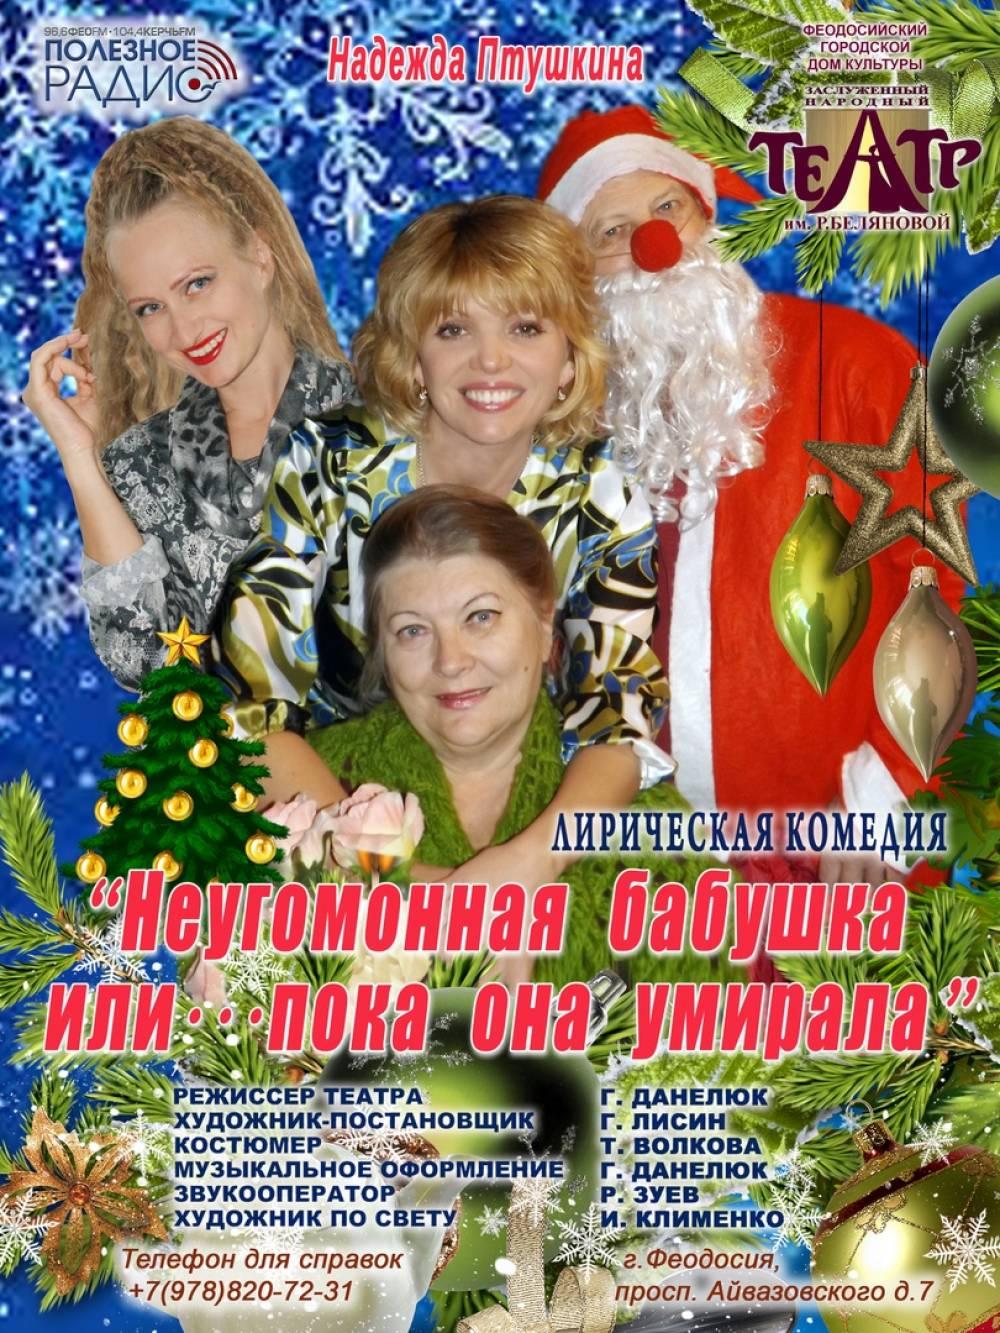 Афиша спектакля, Народный театр имени Розалии Беляновой